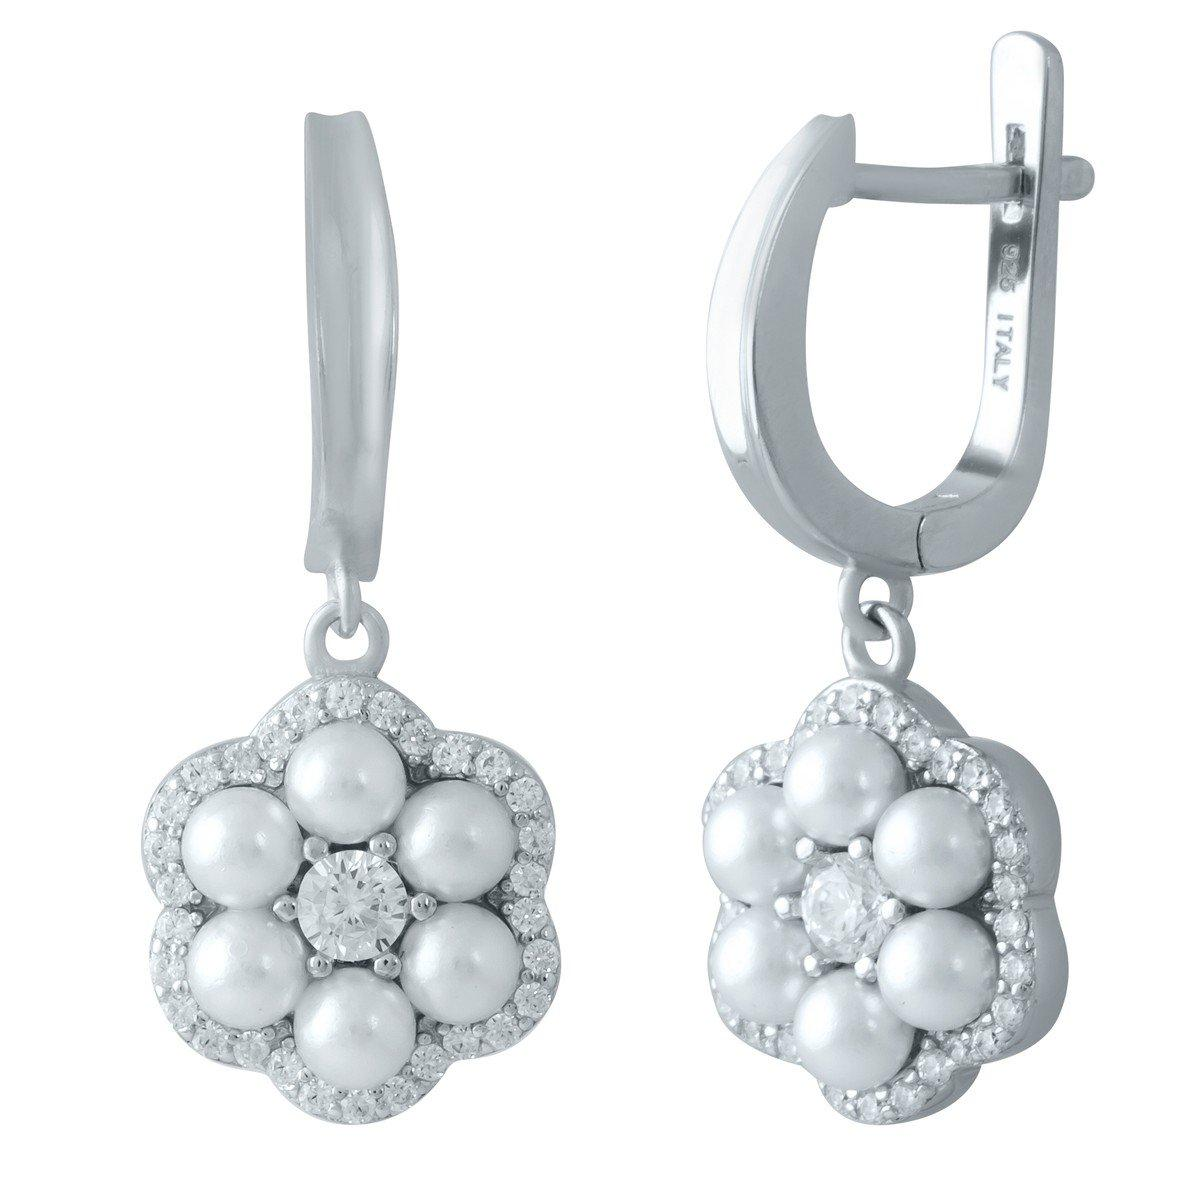 Срібні сережки DreamJewelry з штучним перлами (1980392)